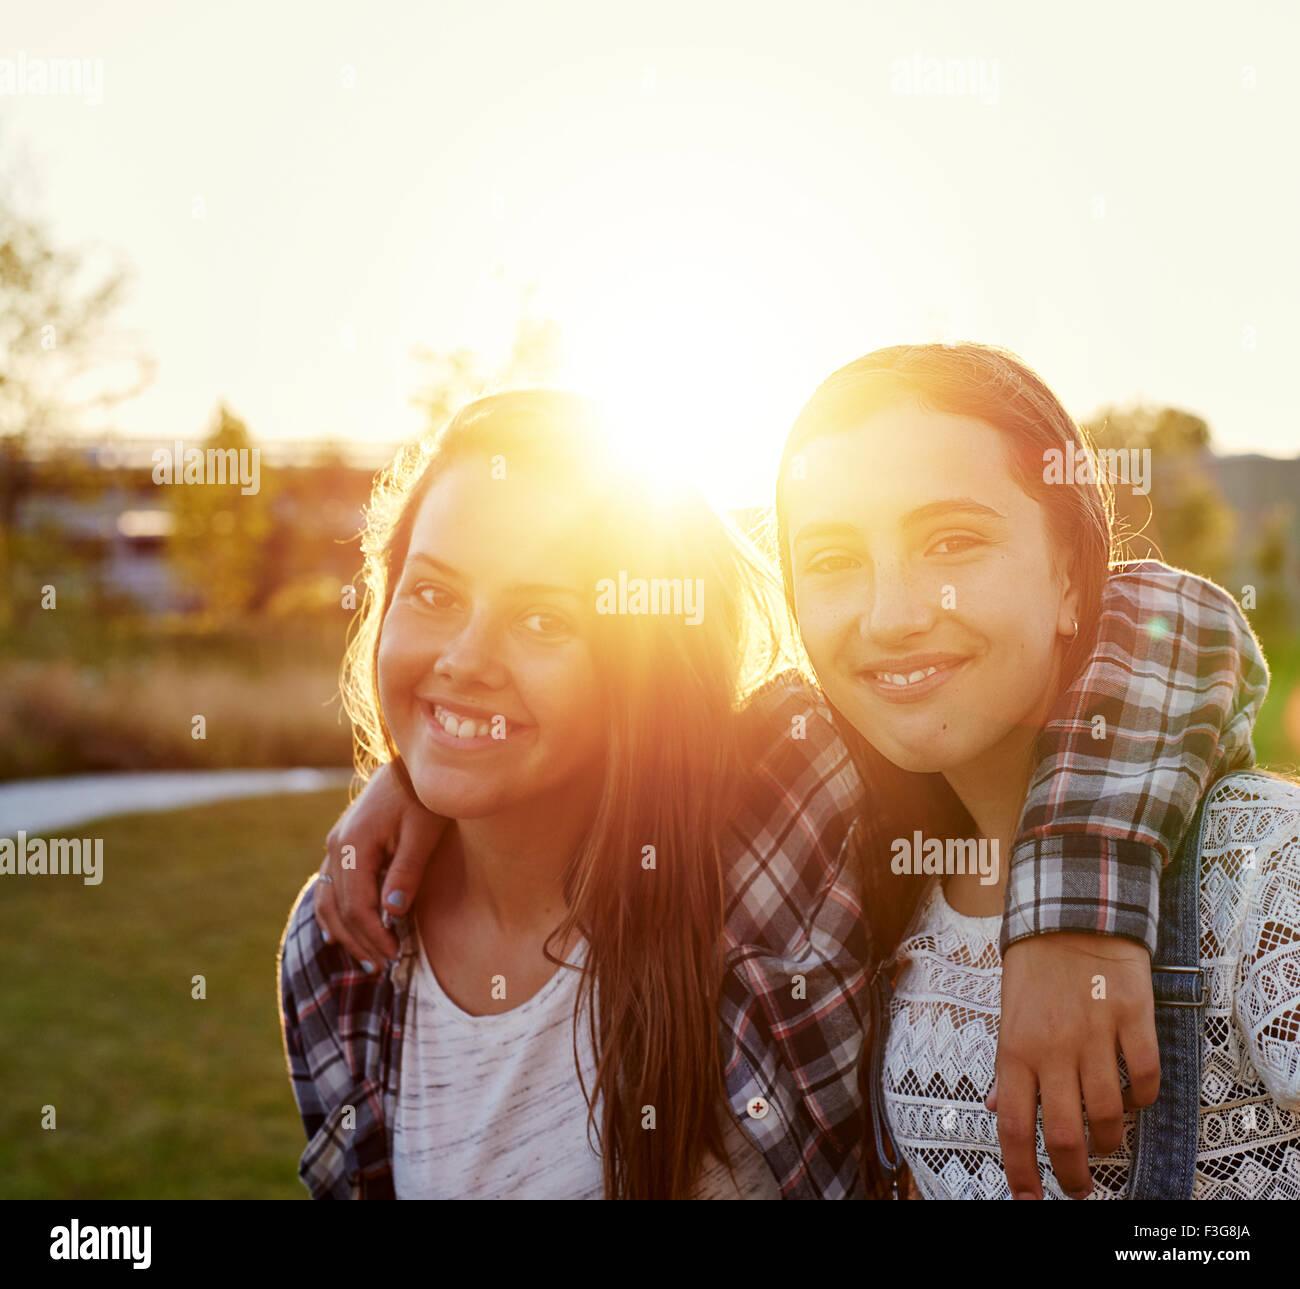 Dos chicas adolescentes fuera en una noche de verano en sun flare Imagen De Stock